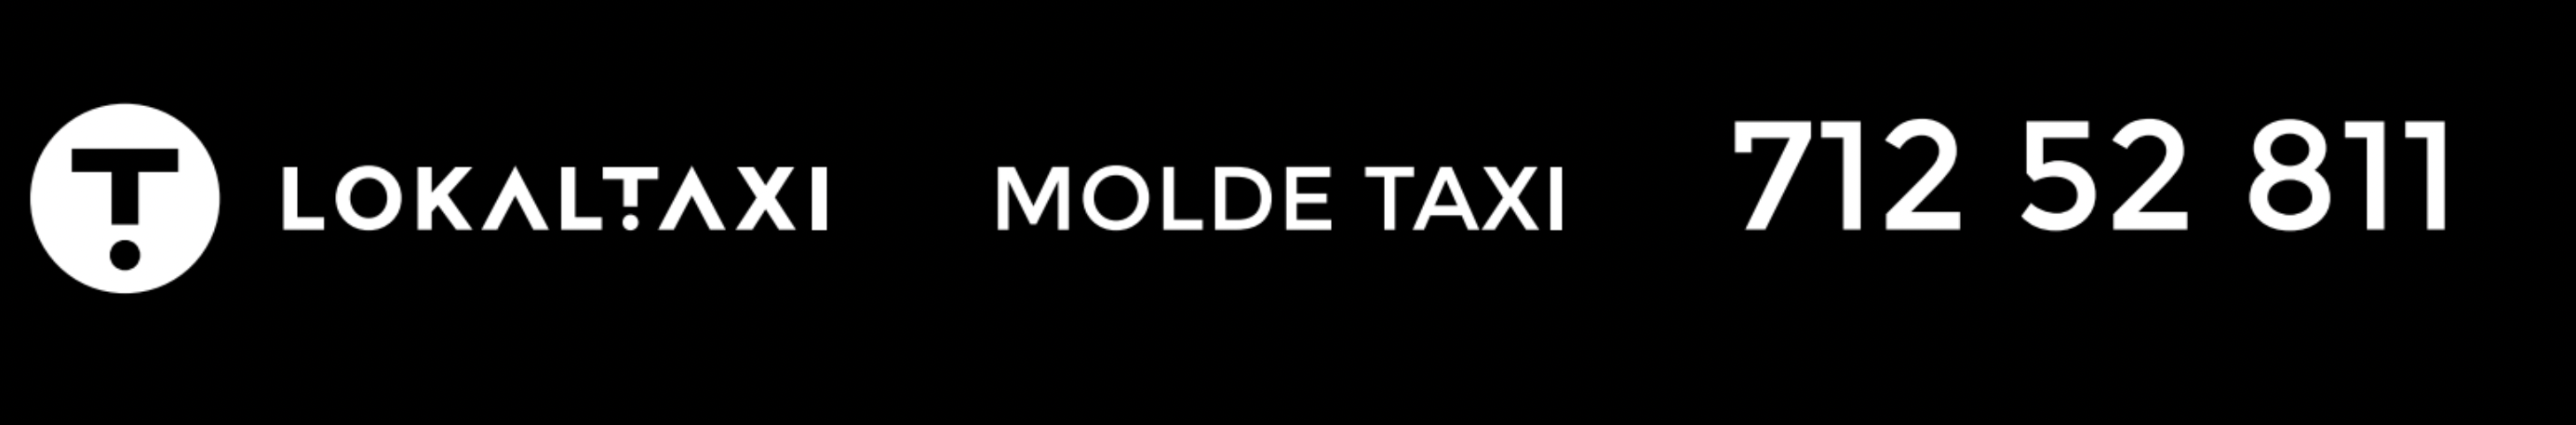 Molde Taxi – Lokaltaxi